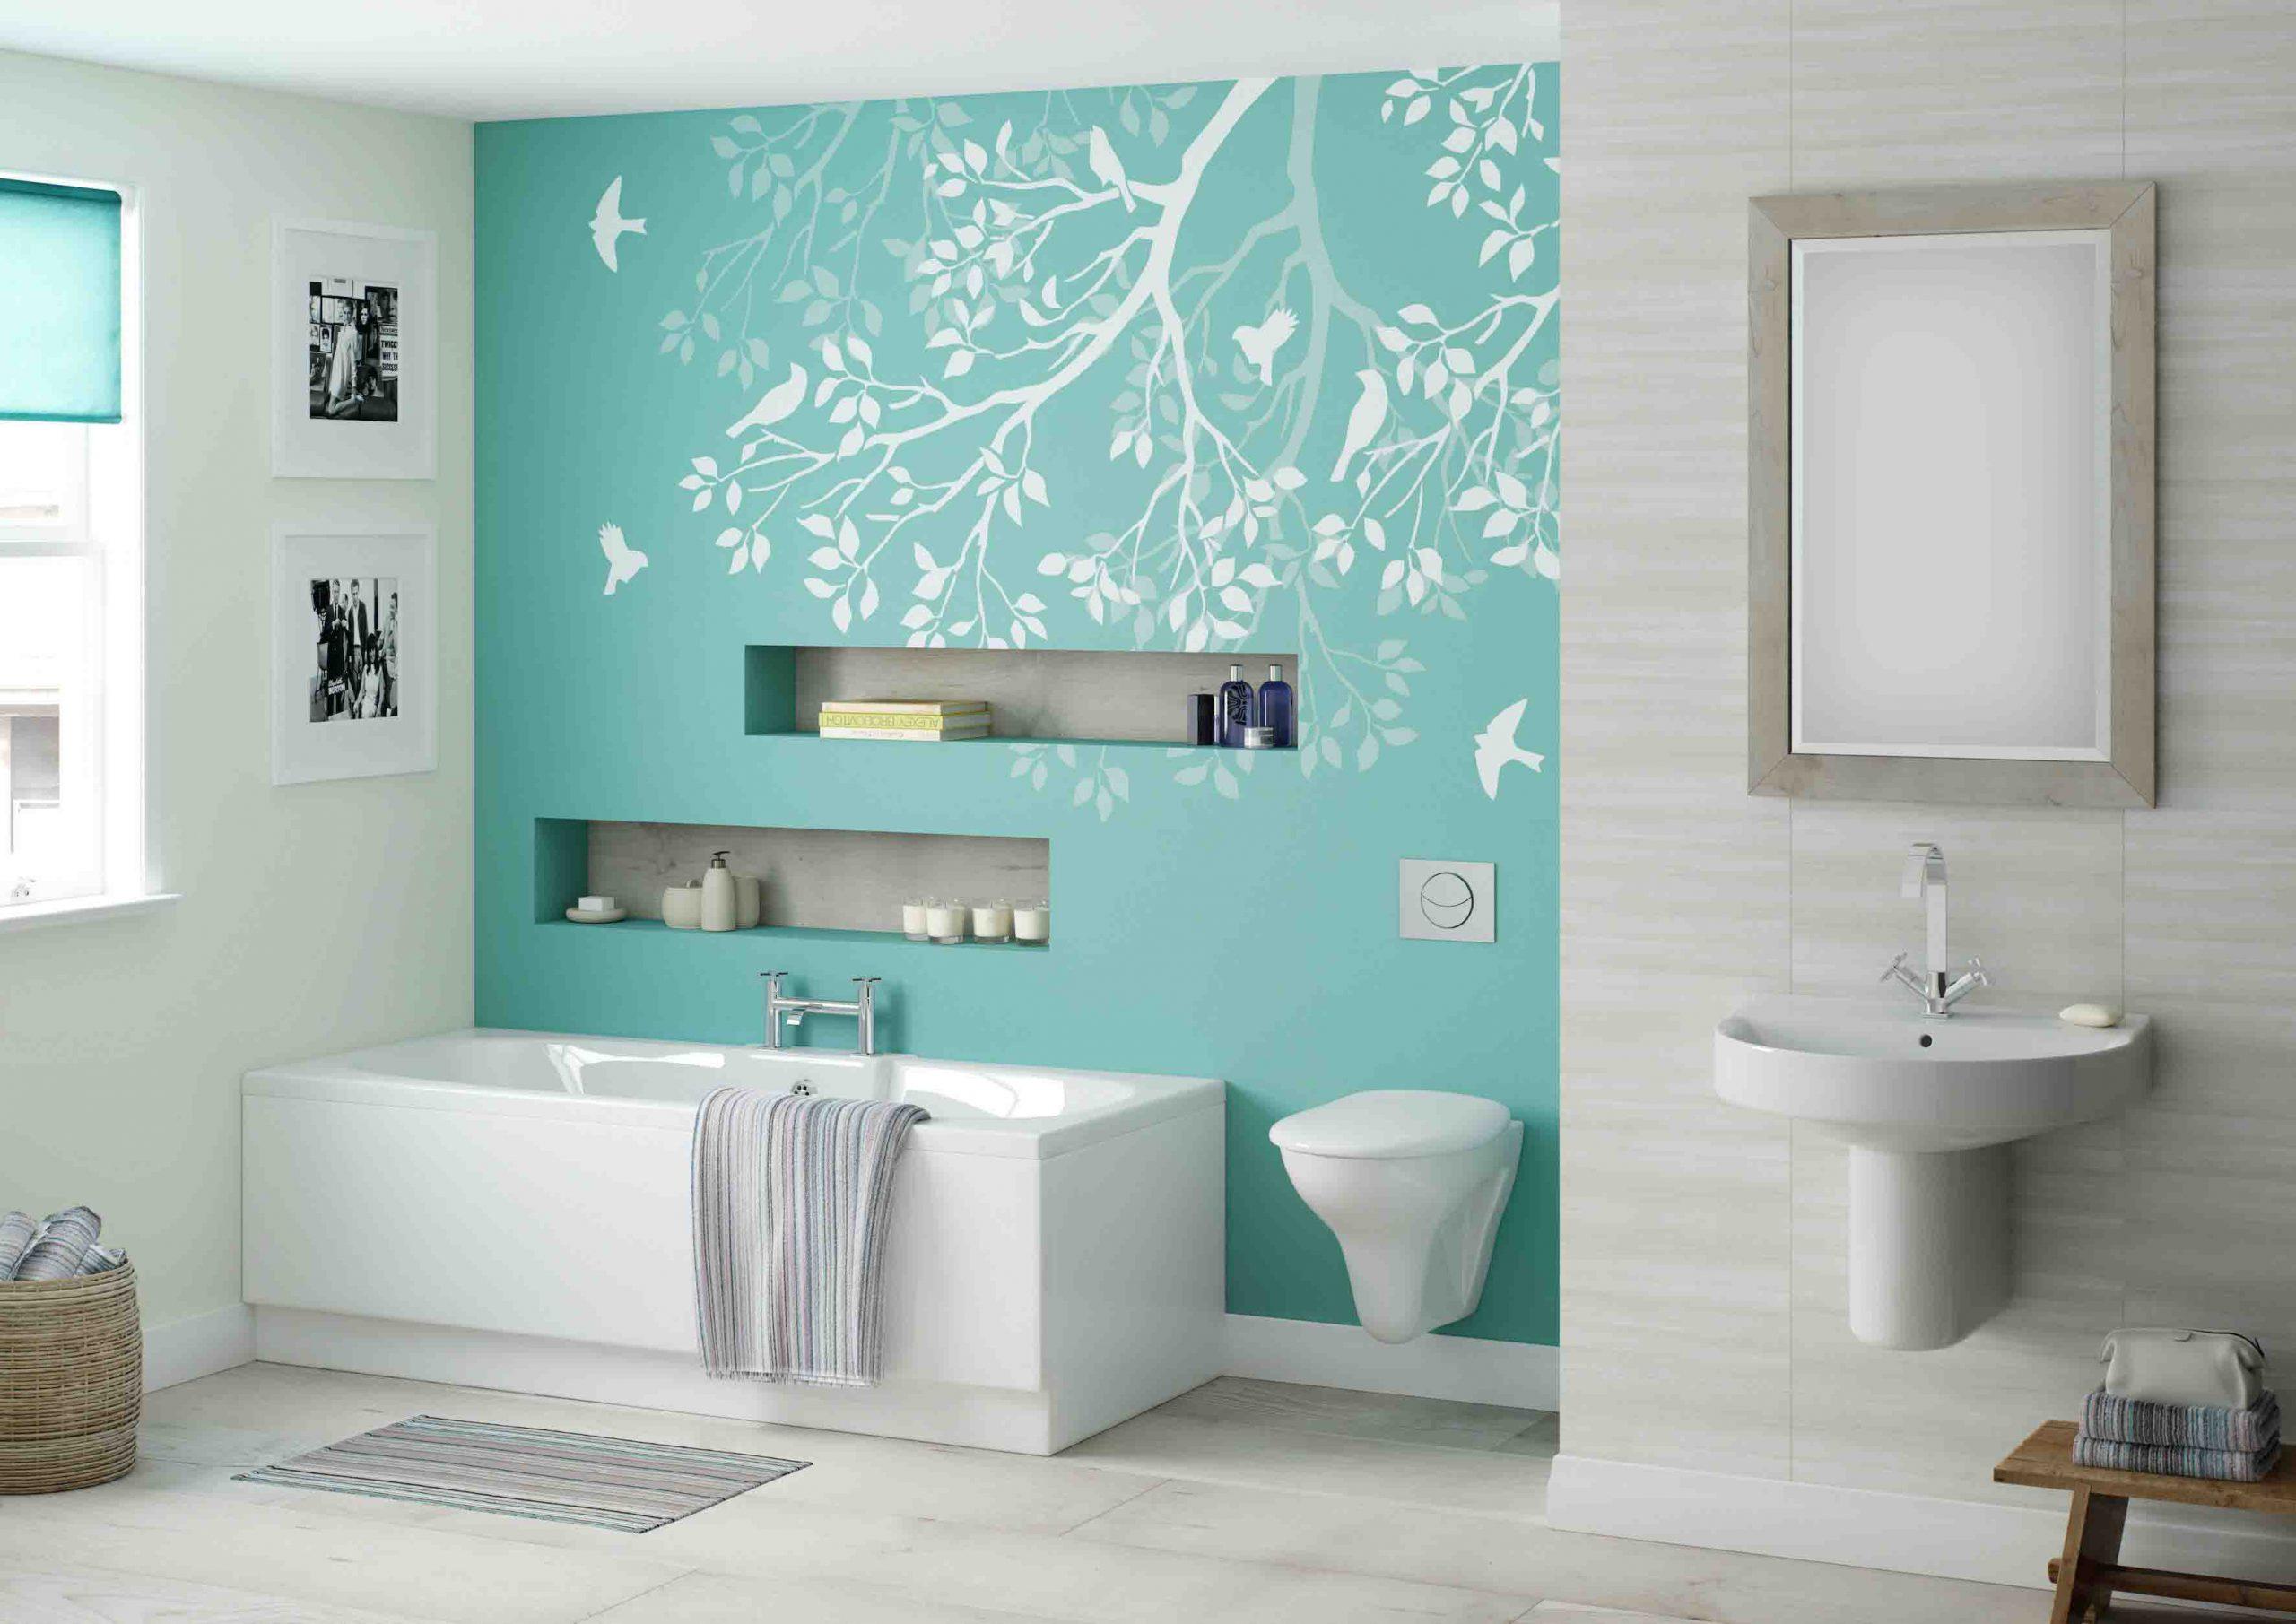 تزیین دیوار حمام و دستشویی با ایجاد دیوار تاکیدی با پوستر دیواری